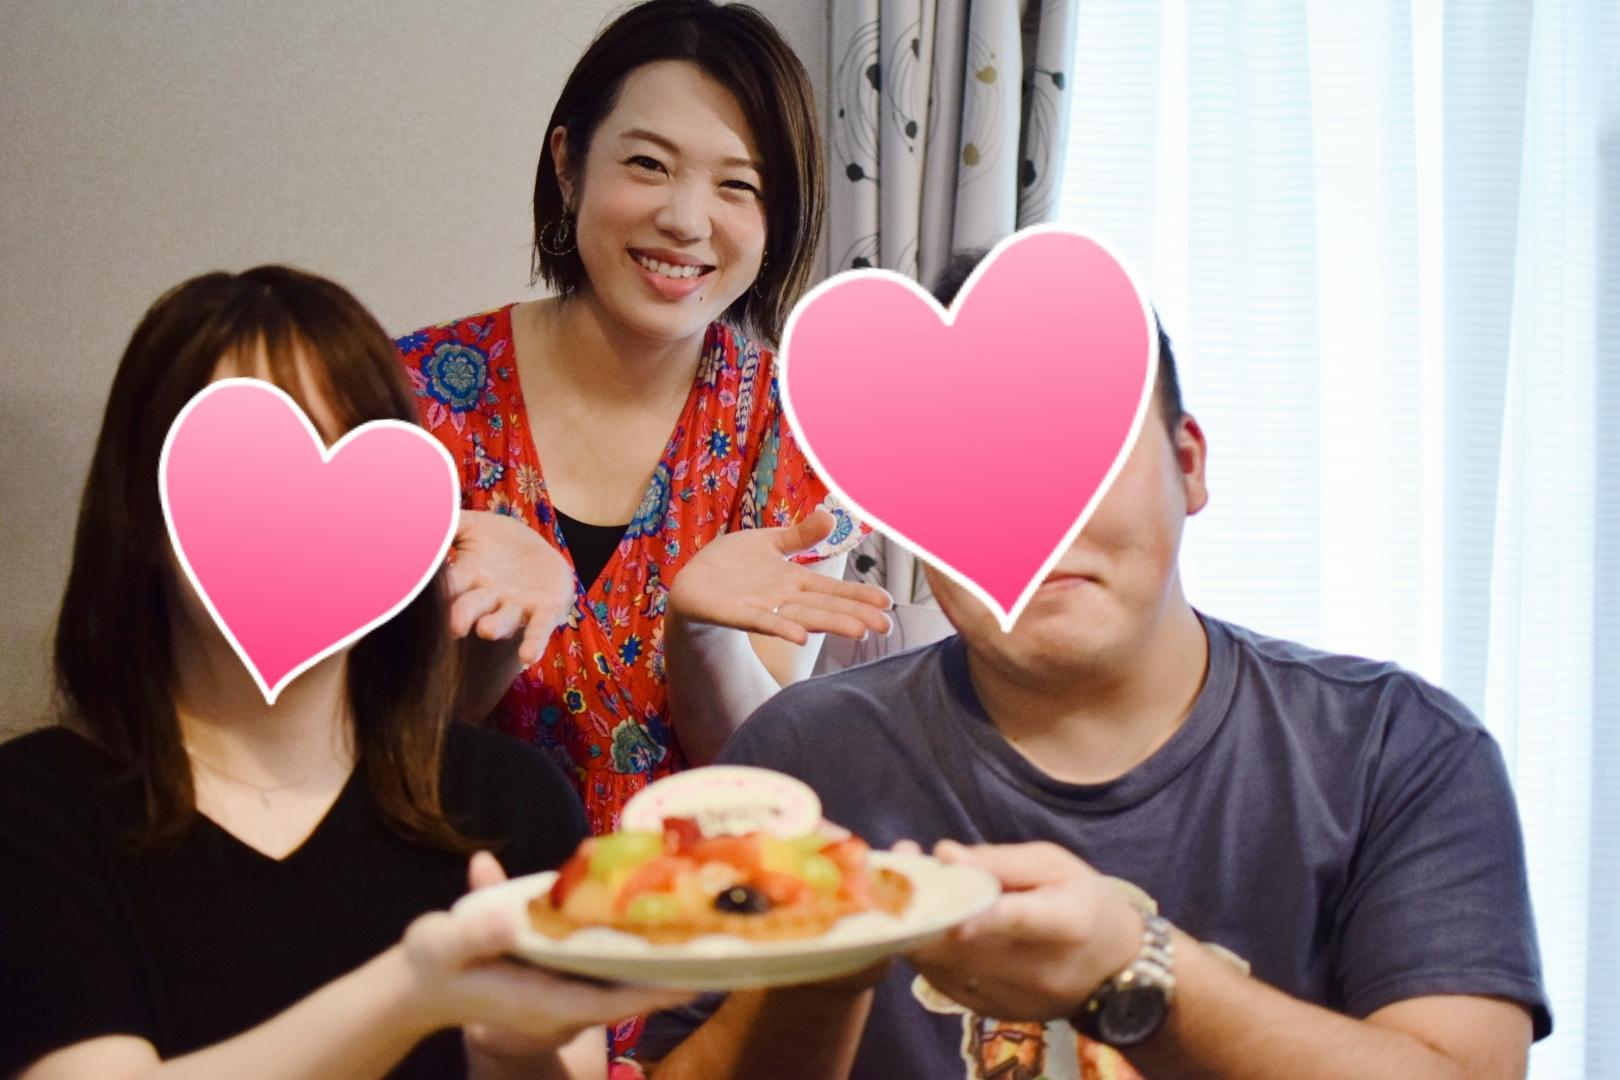 【ご成婚】30歳公務員男性、23歳女性と交際4ヶ月でご成婚!